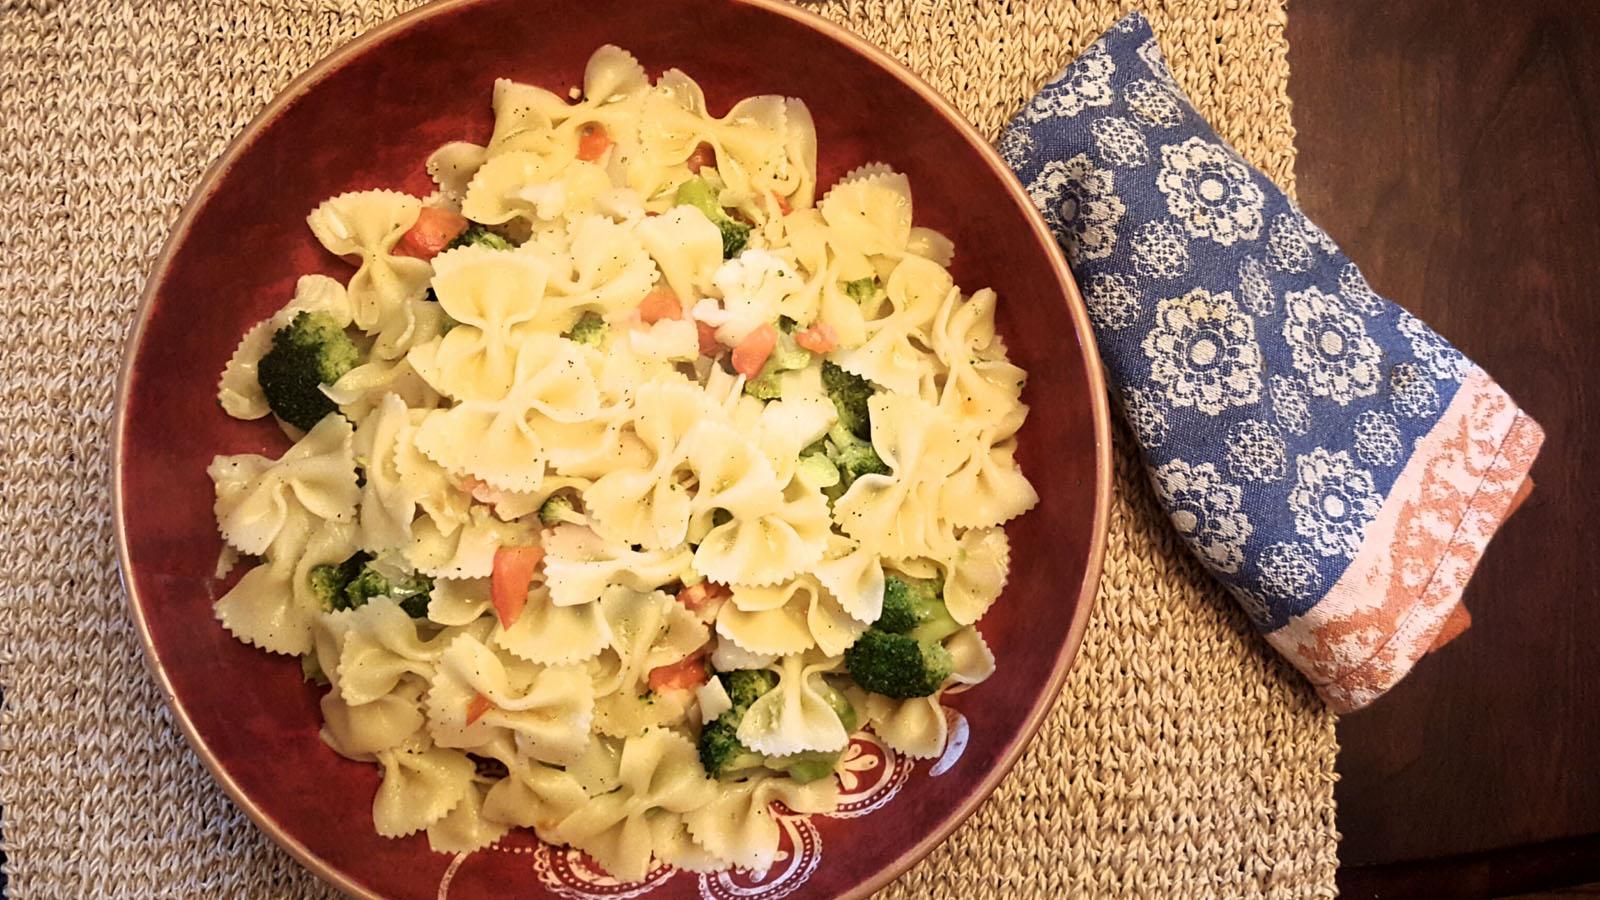 pasta-primavera-recipe-pure-living